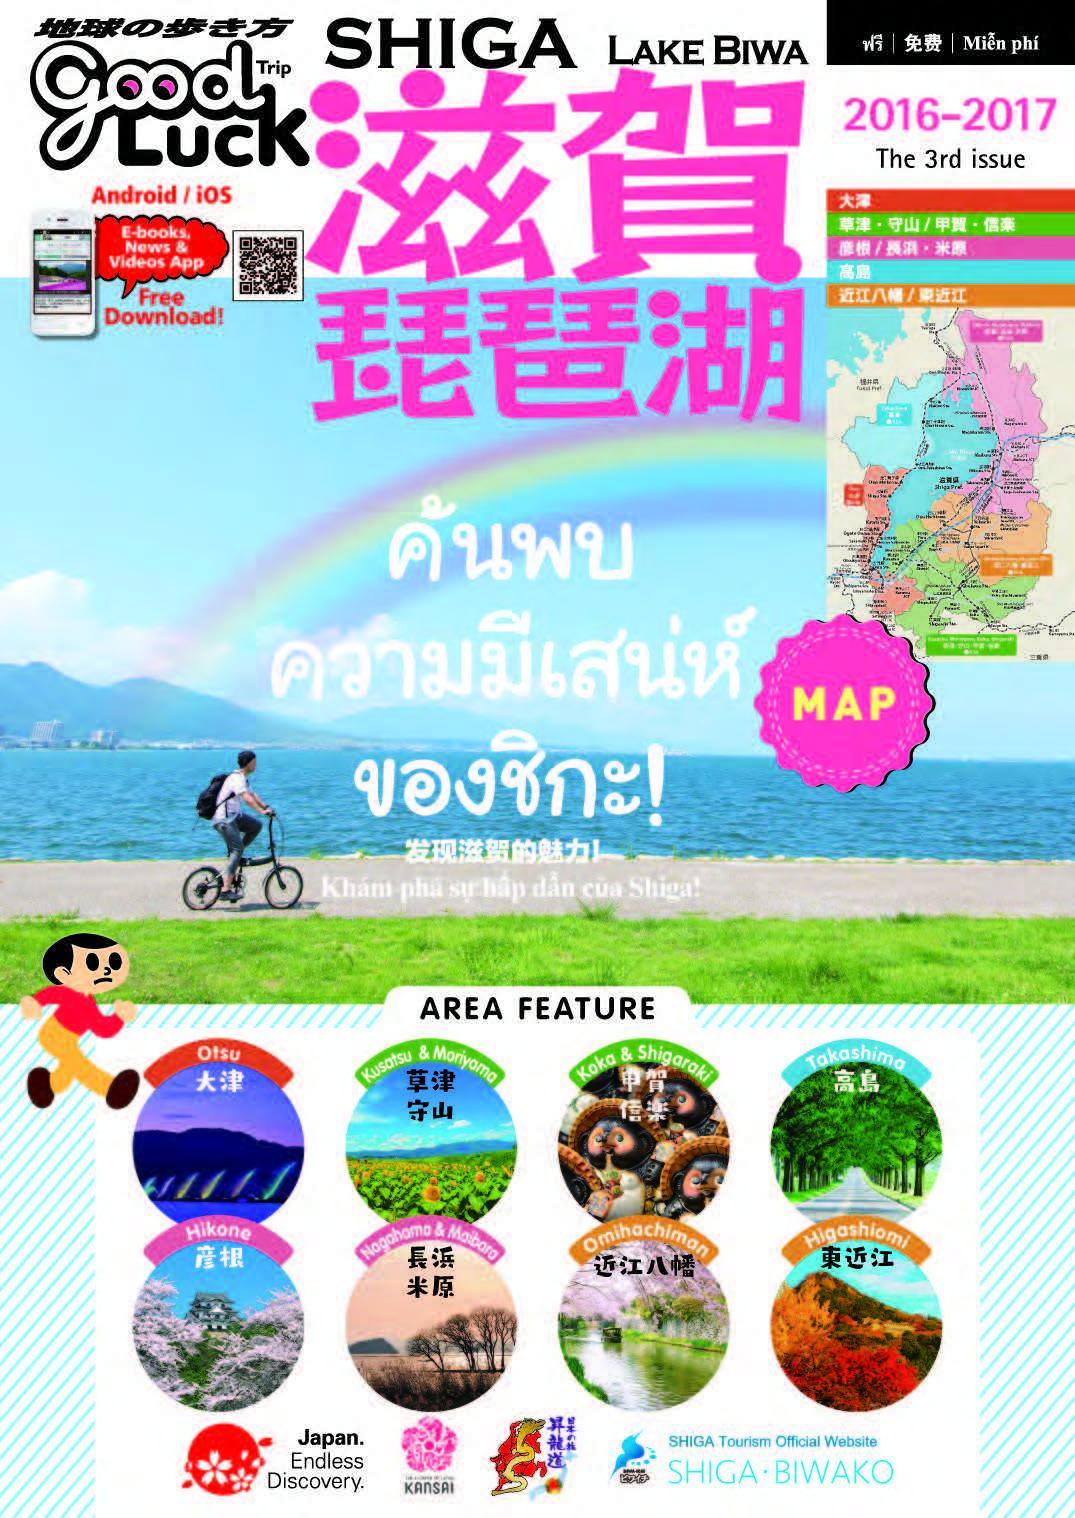 ĸ�载宣传册 Ɨ�本滋贺县旅游指南 ƻ�贺 ǐ�琶湖